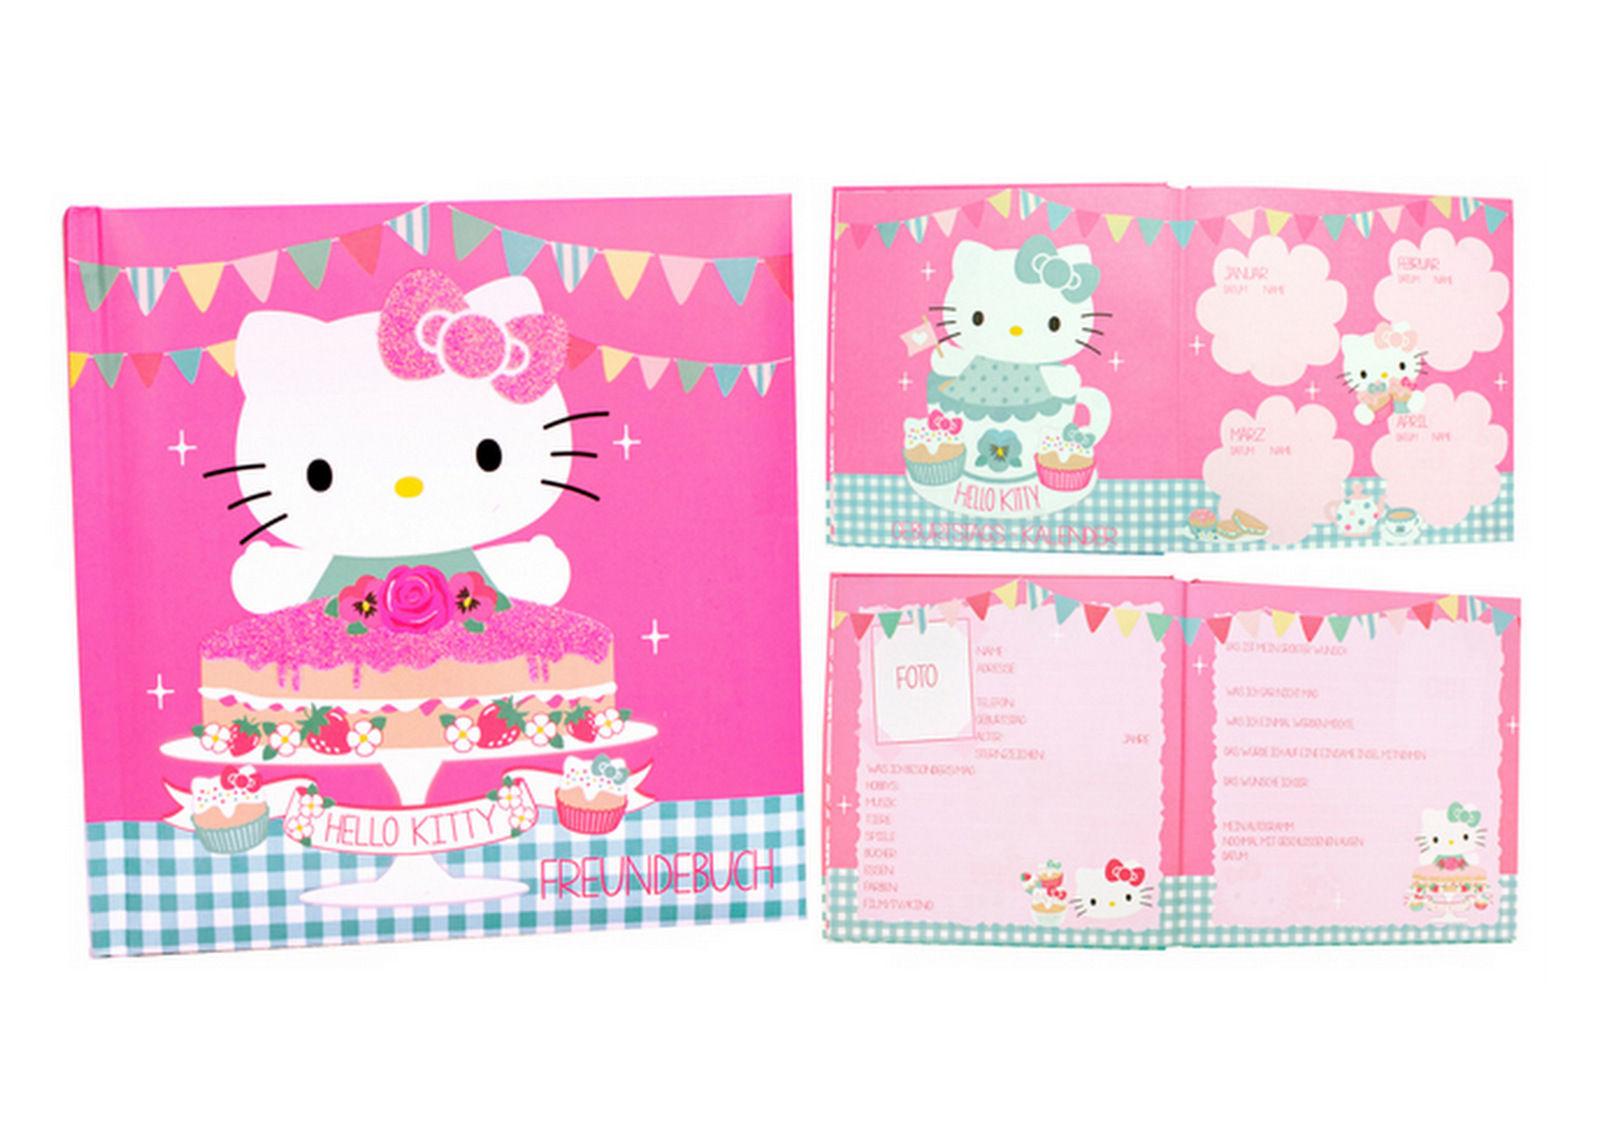 Hello Kitty Freundebuch Kindergarten Poesiealbum Geschenke für Kinder